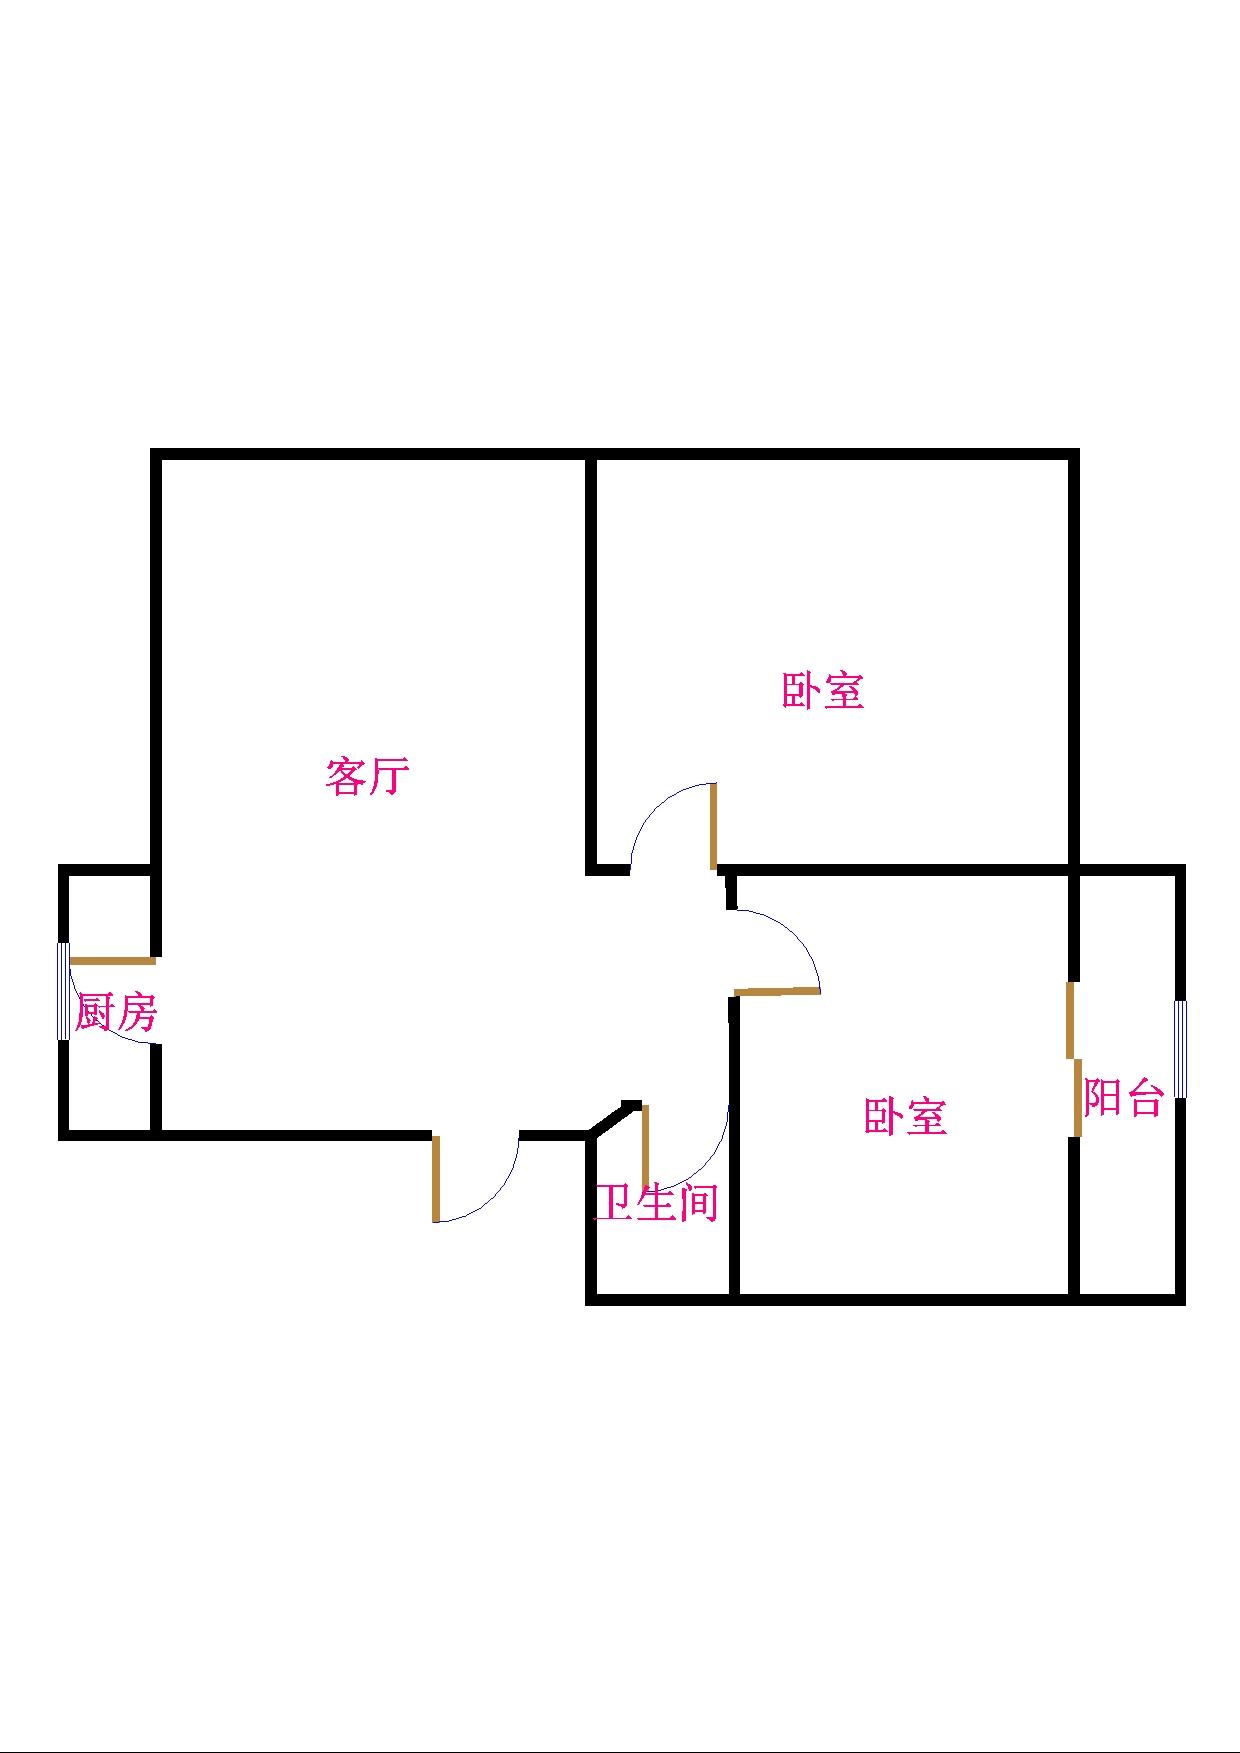 金卉小区 2室1厅  简装 58万